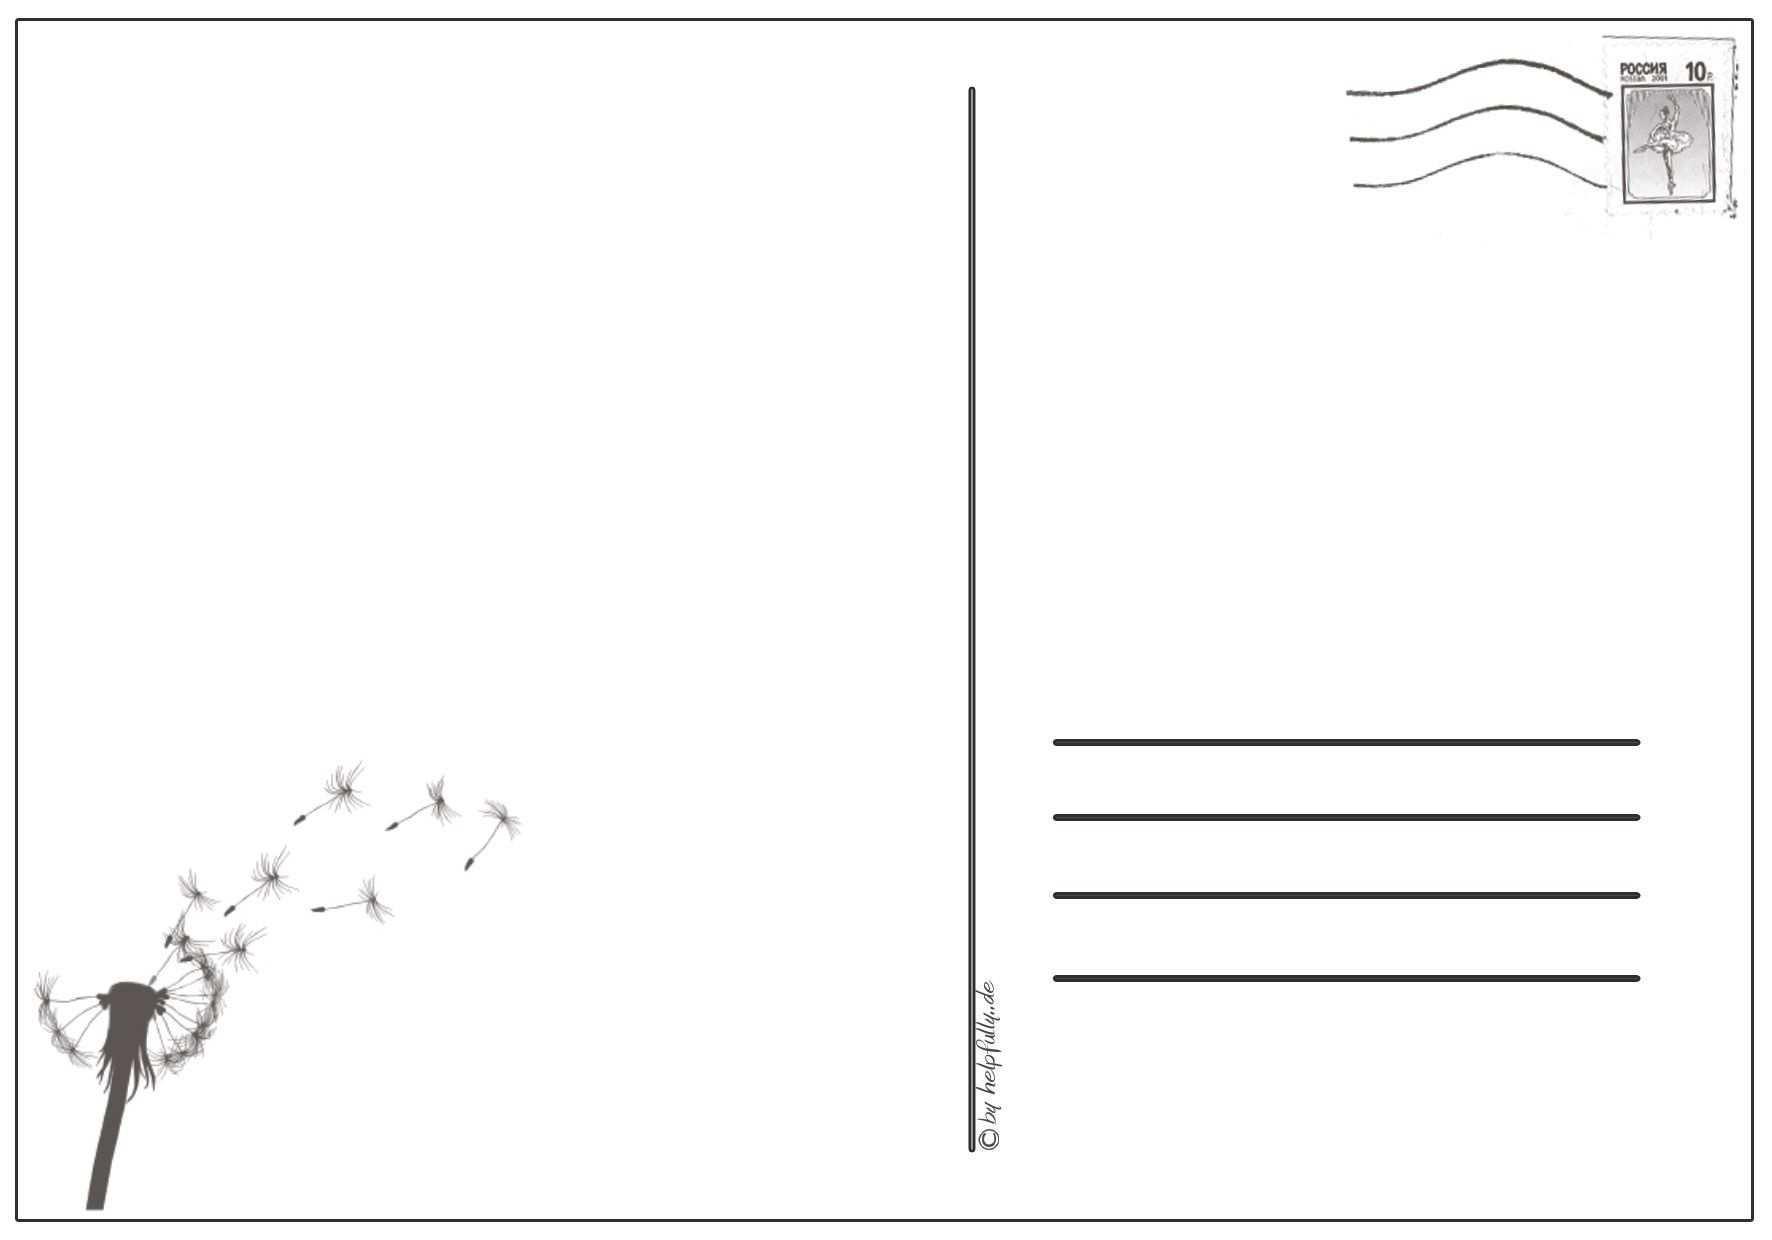 Papiervorlage Postkarte Pusteblume 4 Postkarten Vorlagen Karten